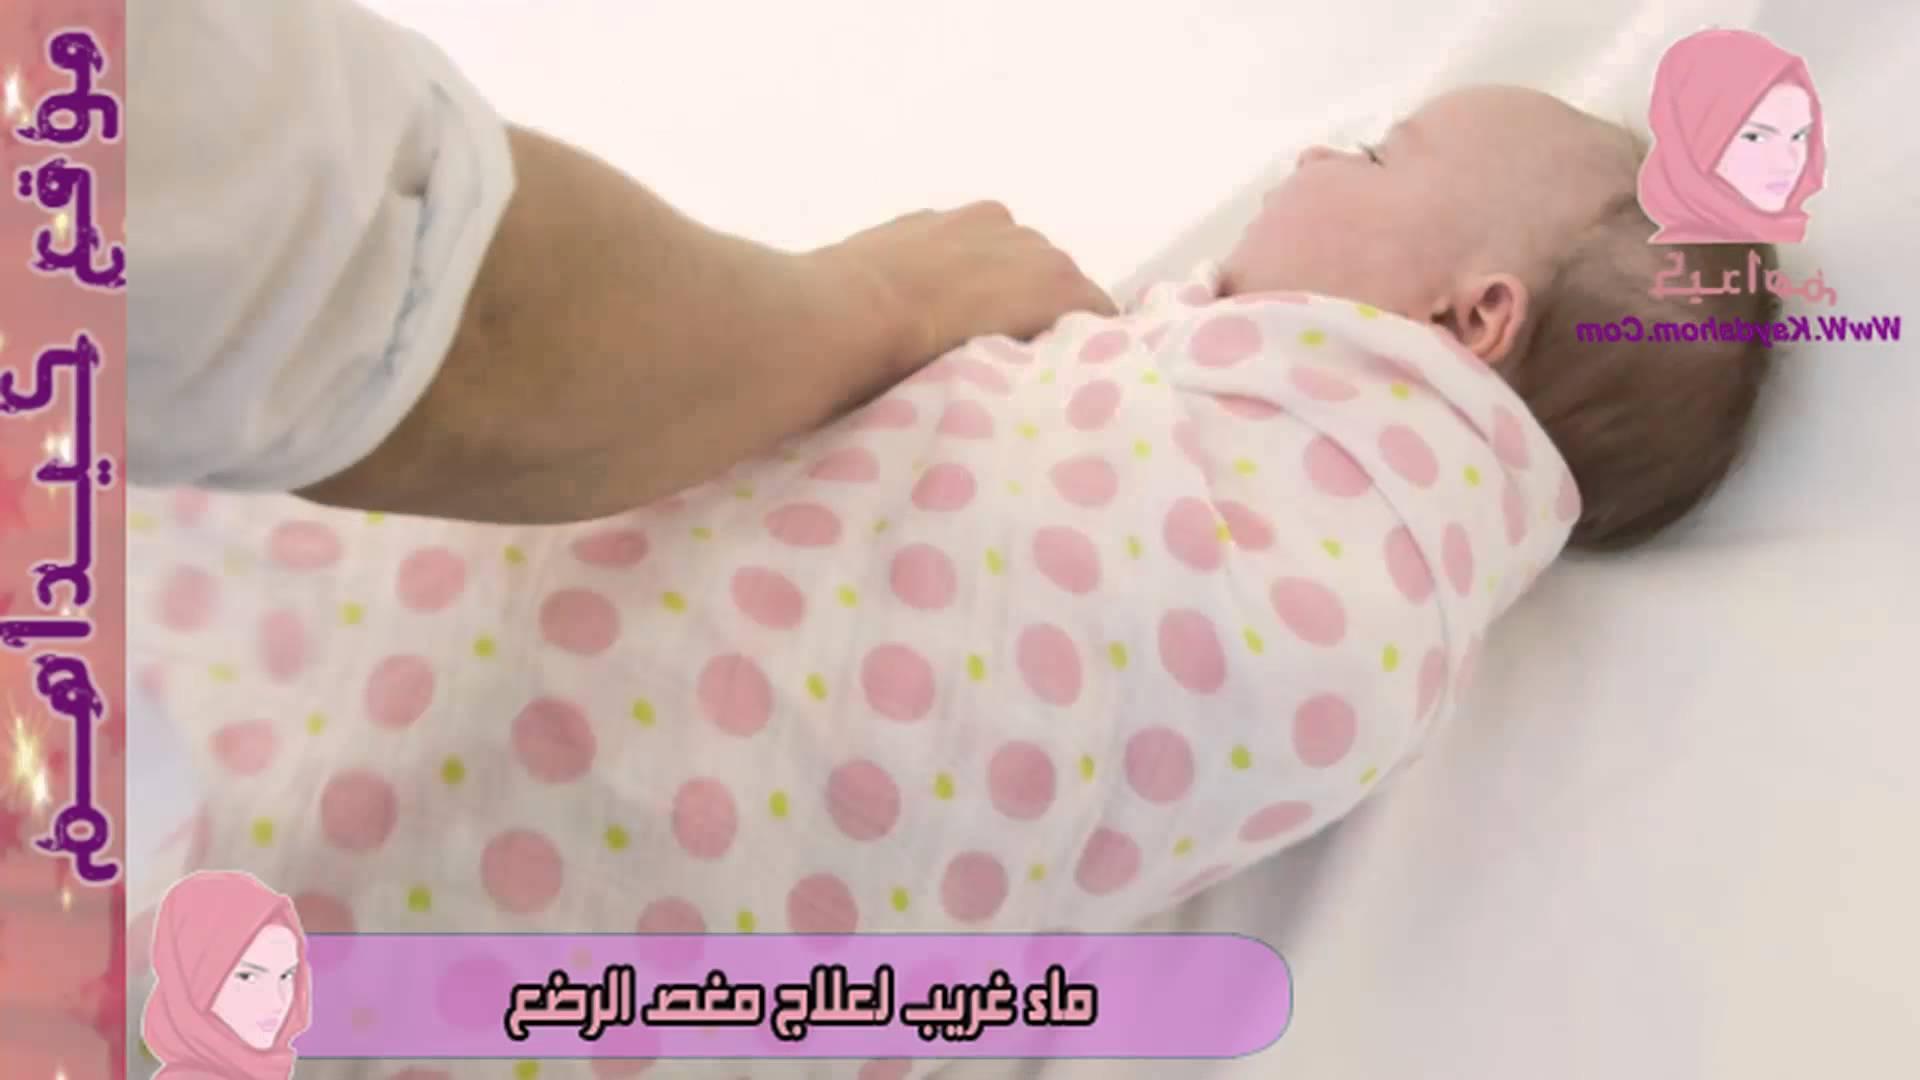 صوره كيف علاج مغص الرضع